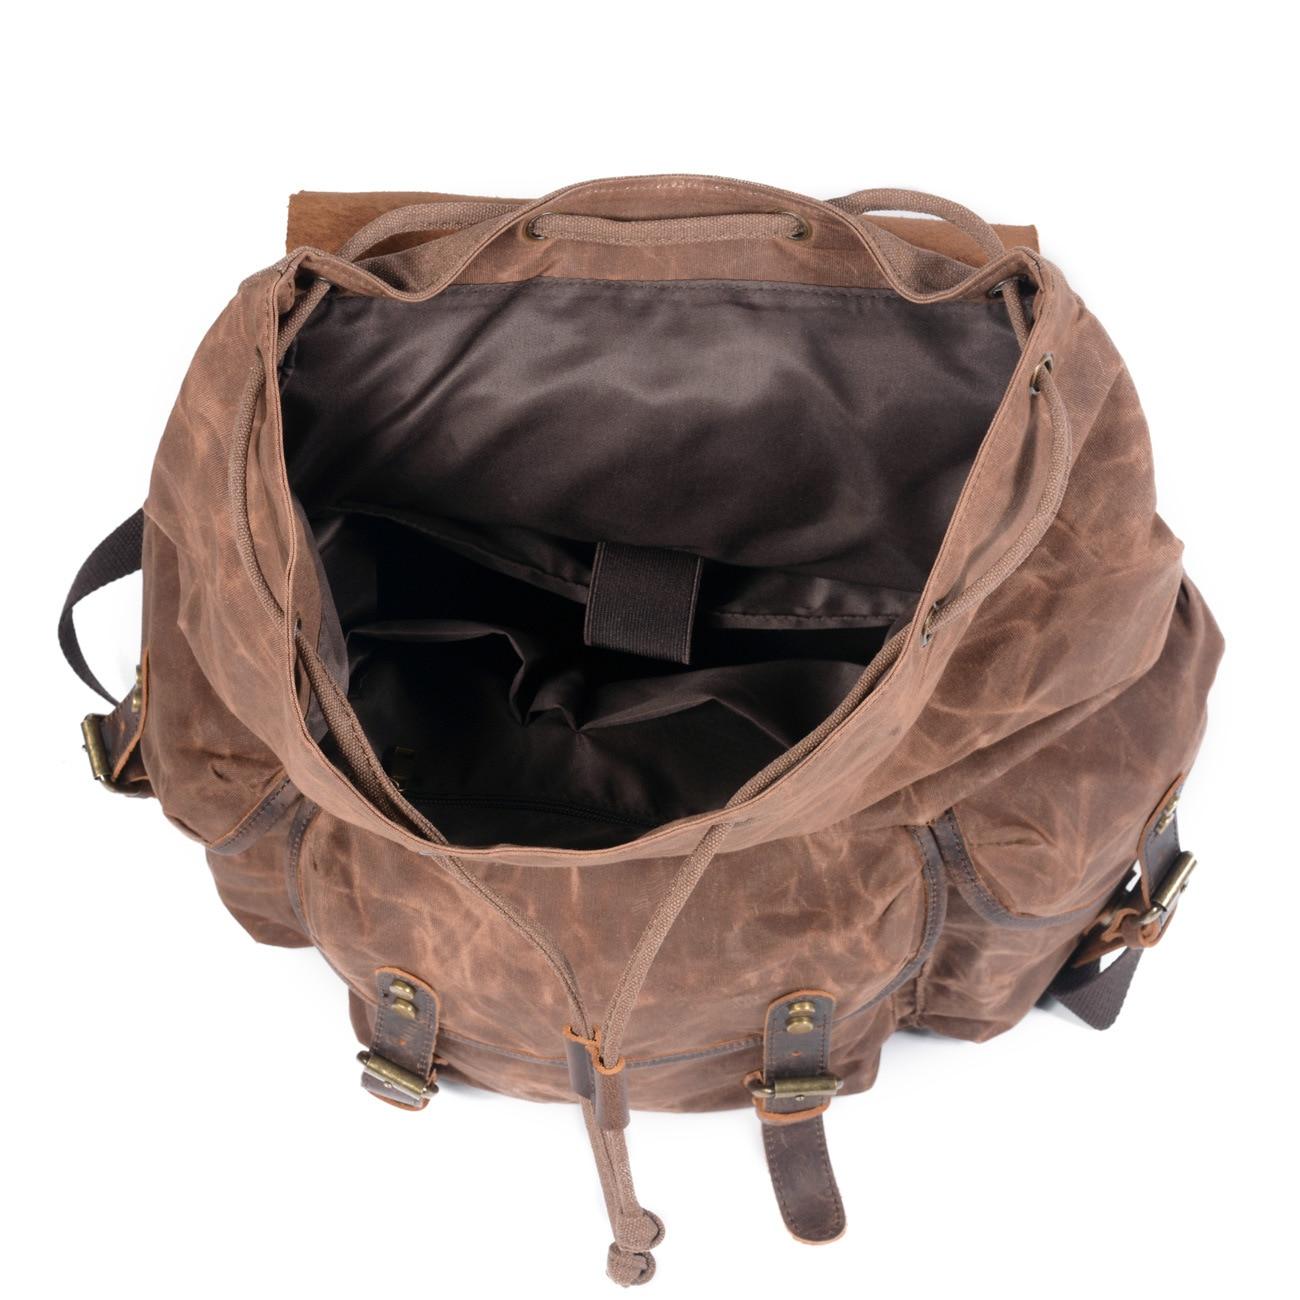 Toile imperméable à l'huile de cire et sac à dos en cuir véritable hommes voyage Vintage sac à dos à cordon grande capacité chaîne pochette d'ordinateur - 3